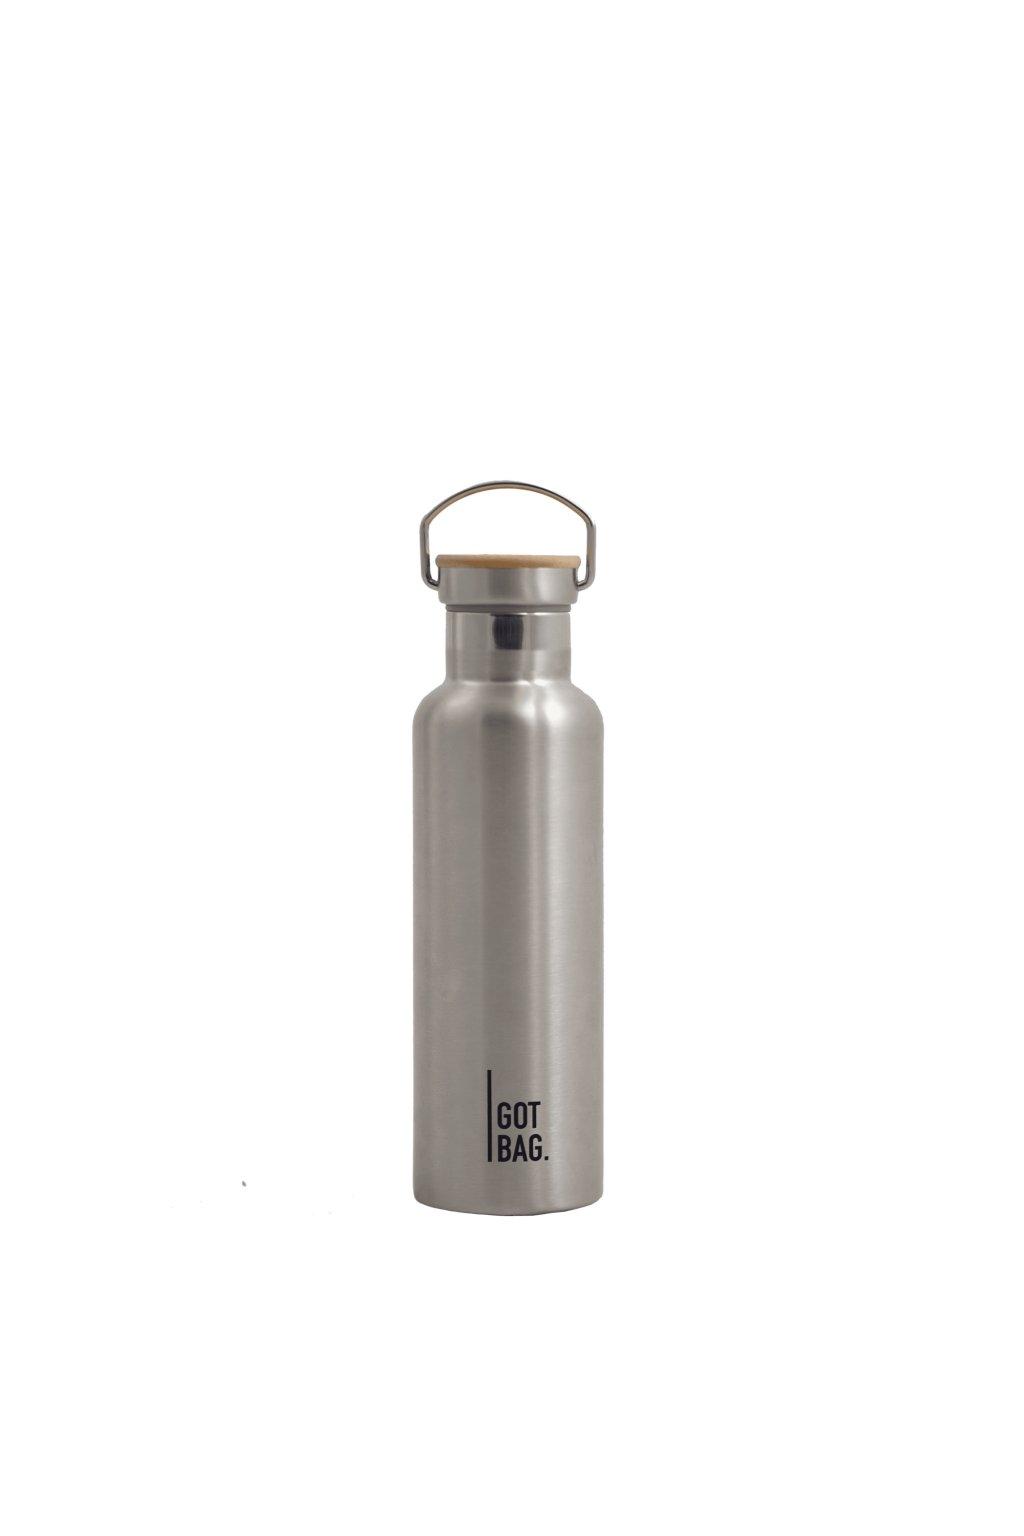 flasche1 2000x